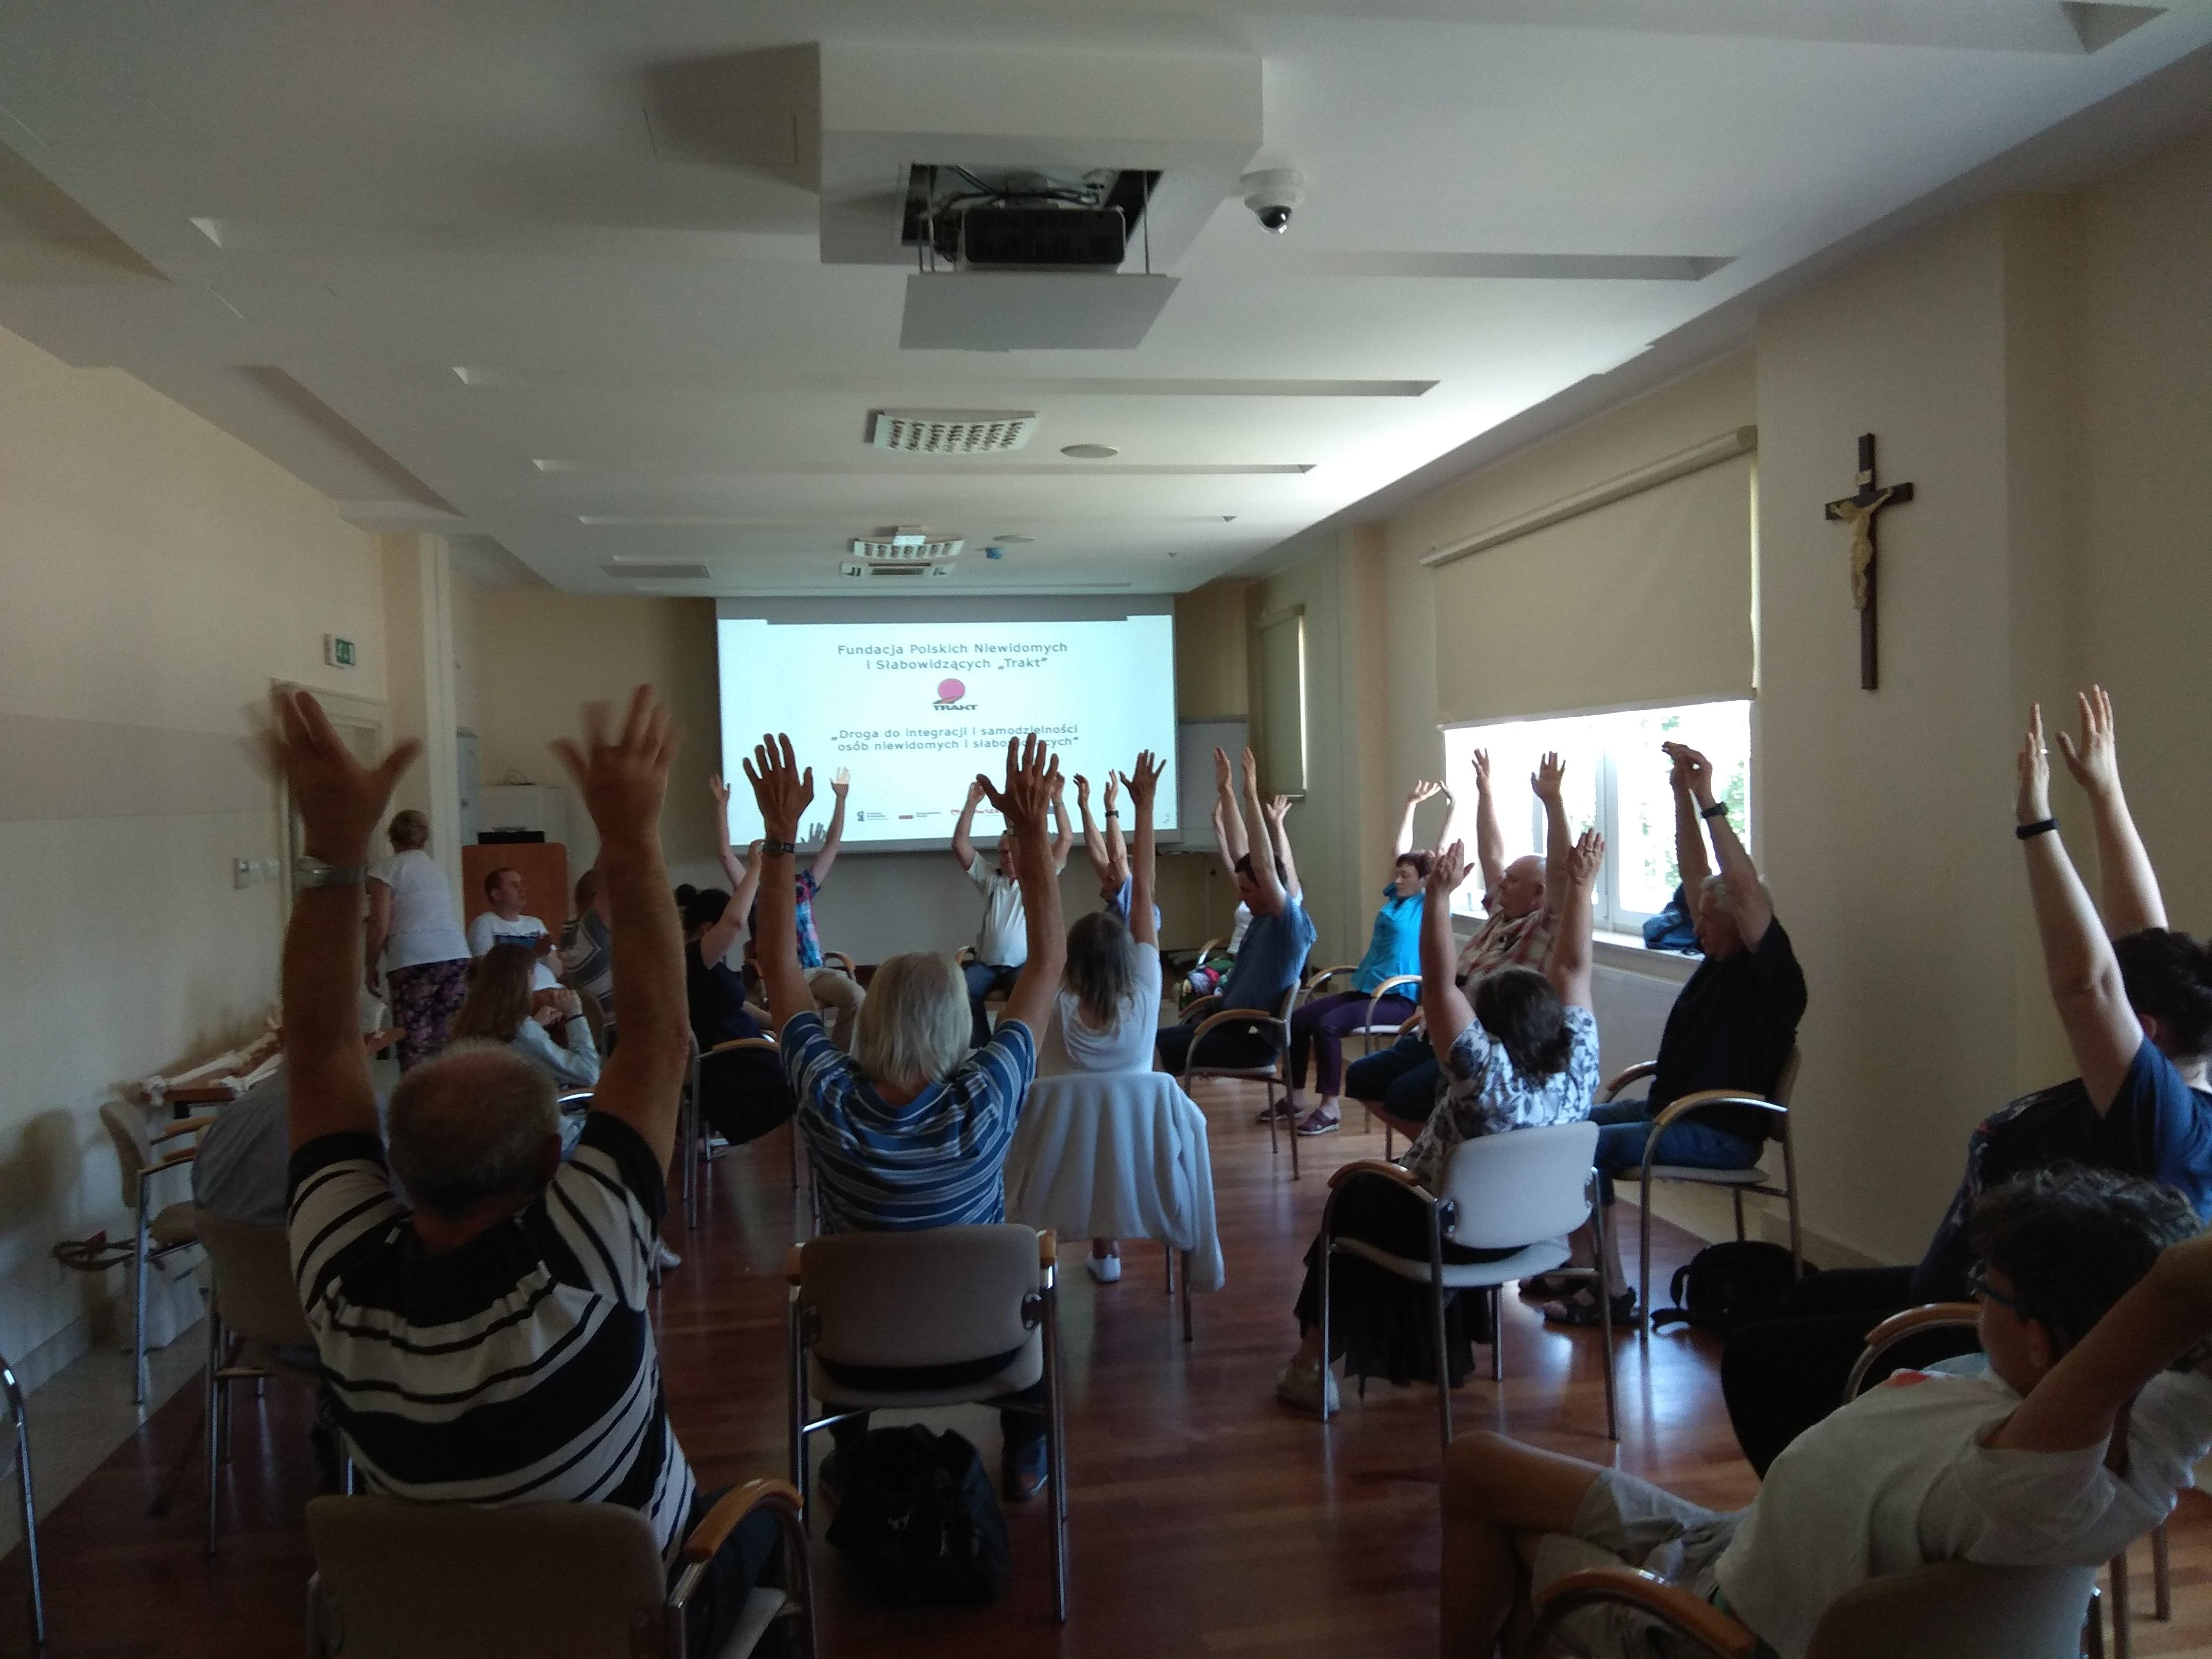 Zjazdowicze praktykujący ćwiczenia na siedząco, mają obie ręce podniesione wysoko w górę. Z prawej strony na białej ścianie wisi brązowy krzyż.